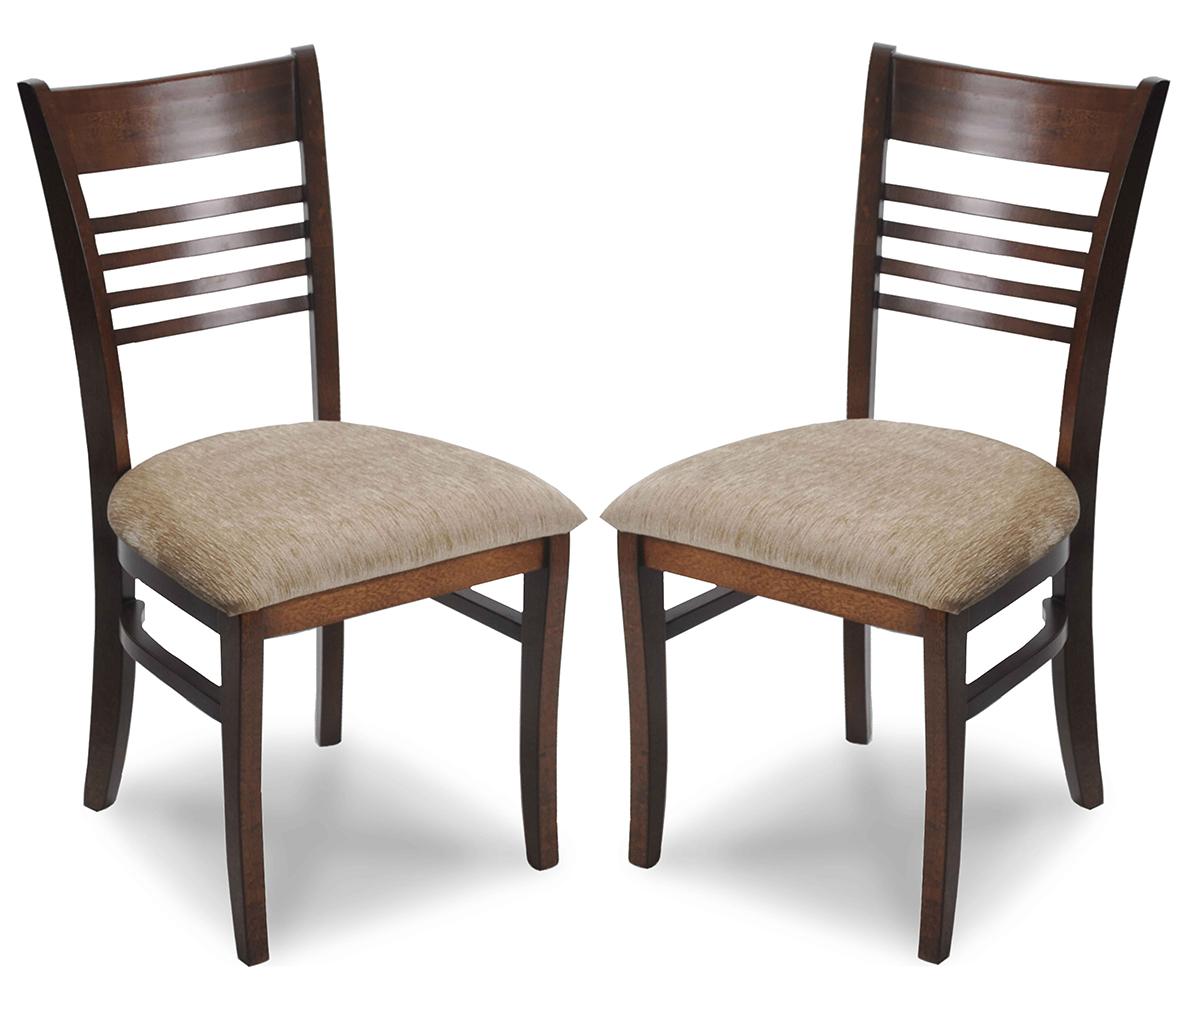 Conjunto 2 Cadeiras Estofadas No Elo7 Wolcomprarshop 4e0764